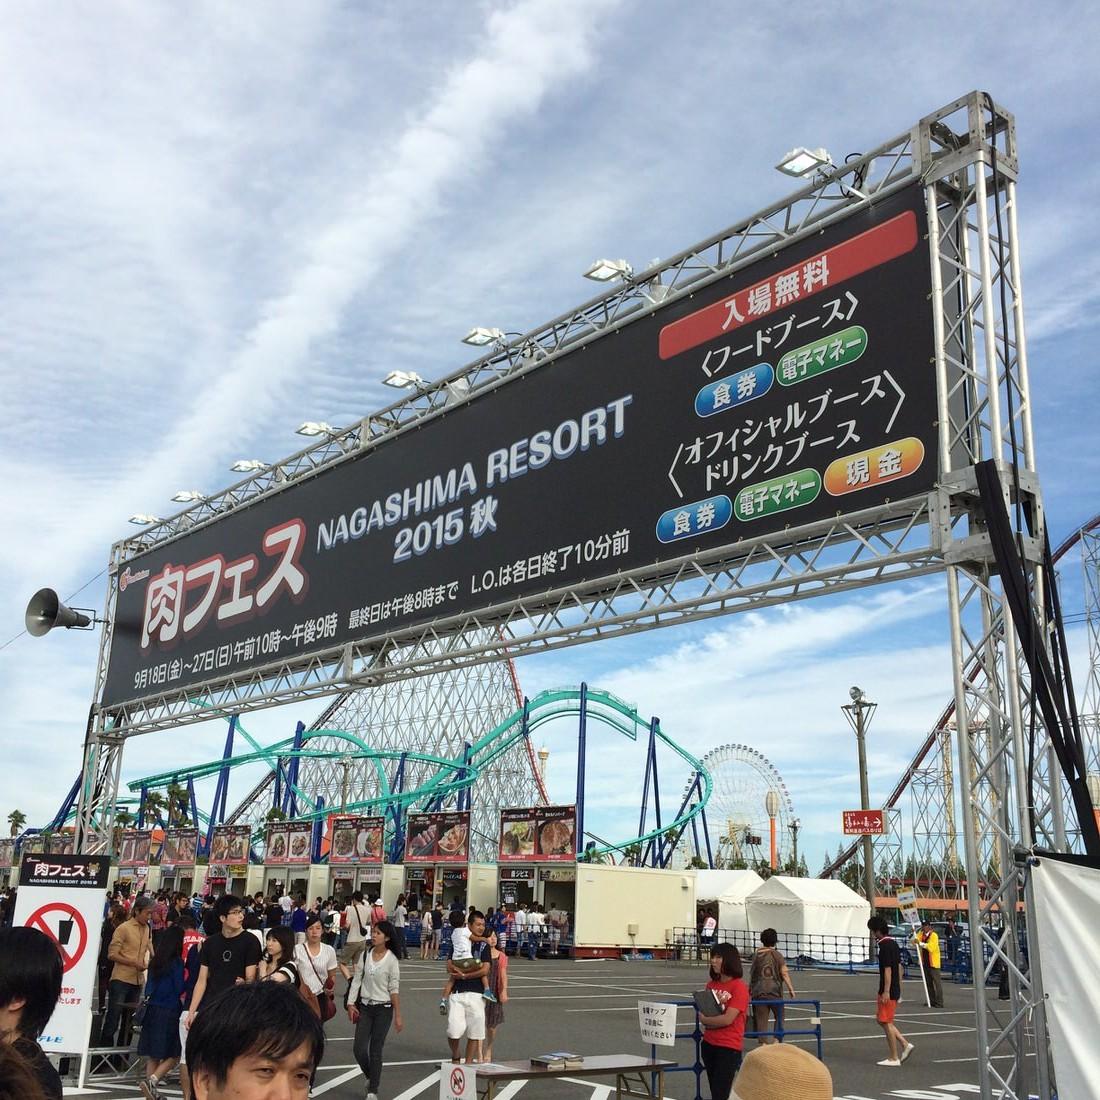 長島リゾートで肉フェス開催中!肉が足りてない方は急げ!